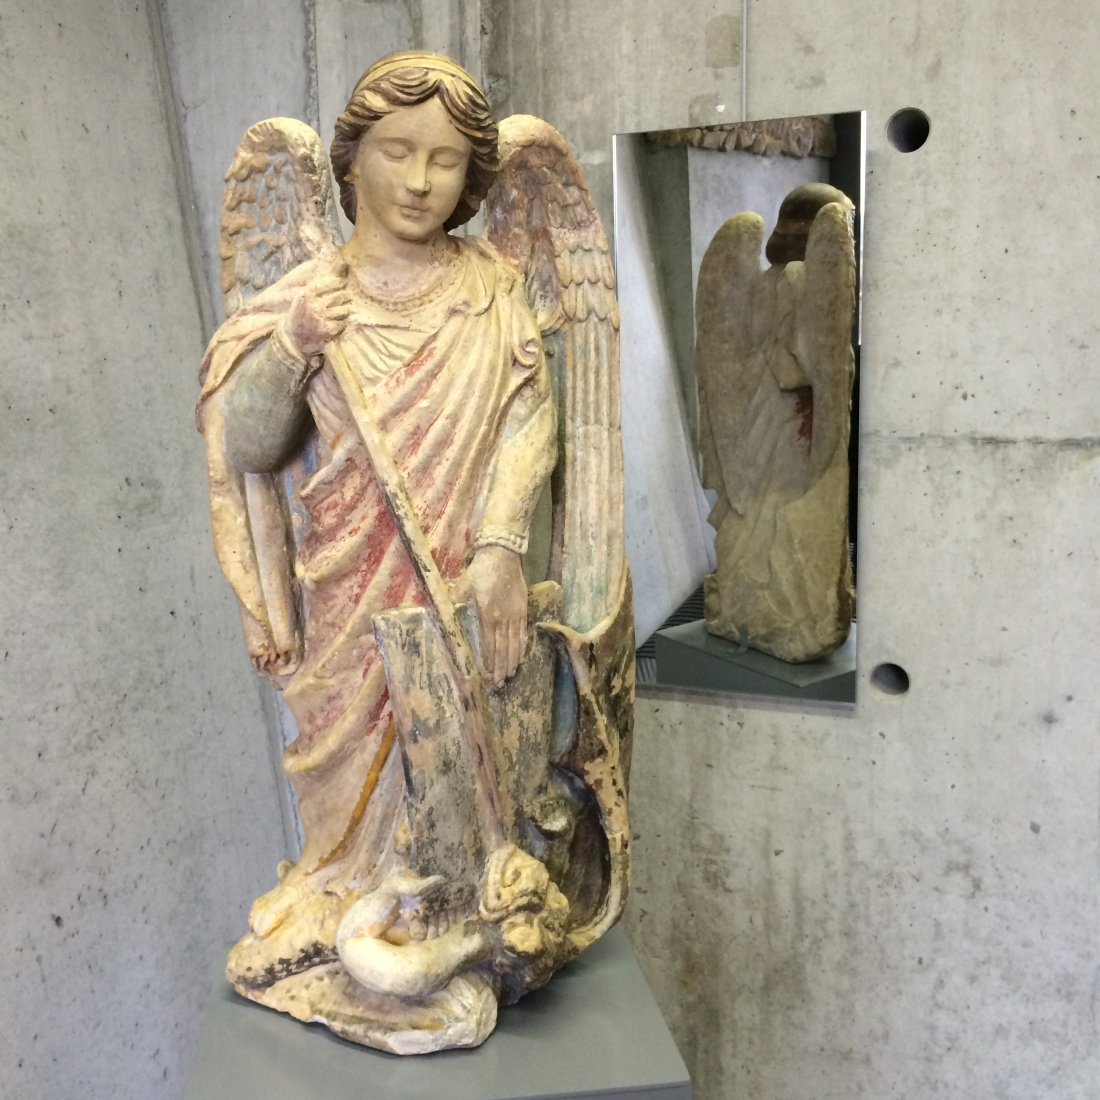 La statue de saint Michel restaurée grâce à la subvention du club des mécènes de la Manche